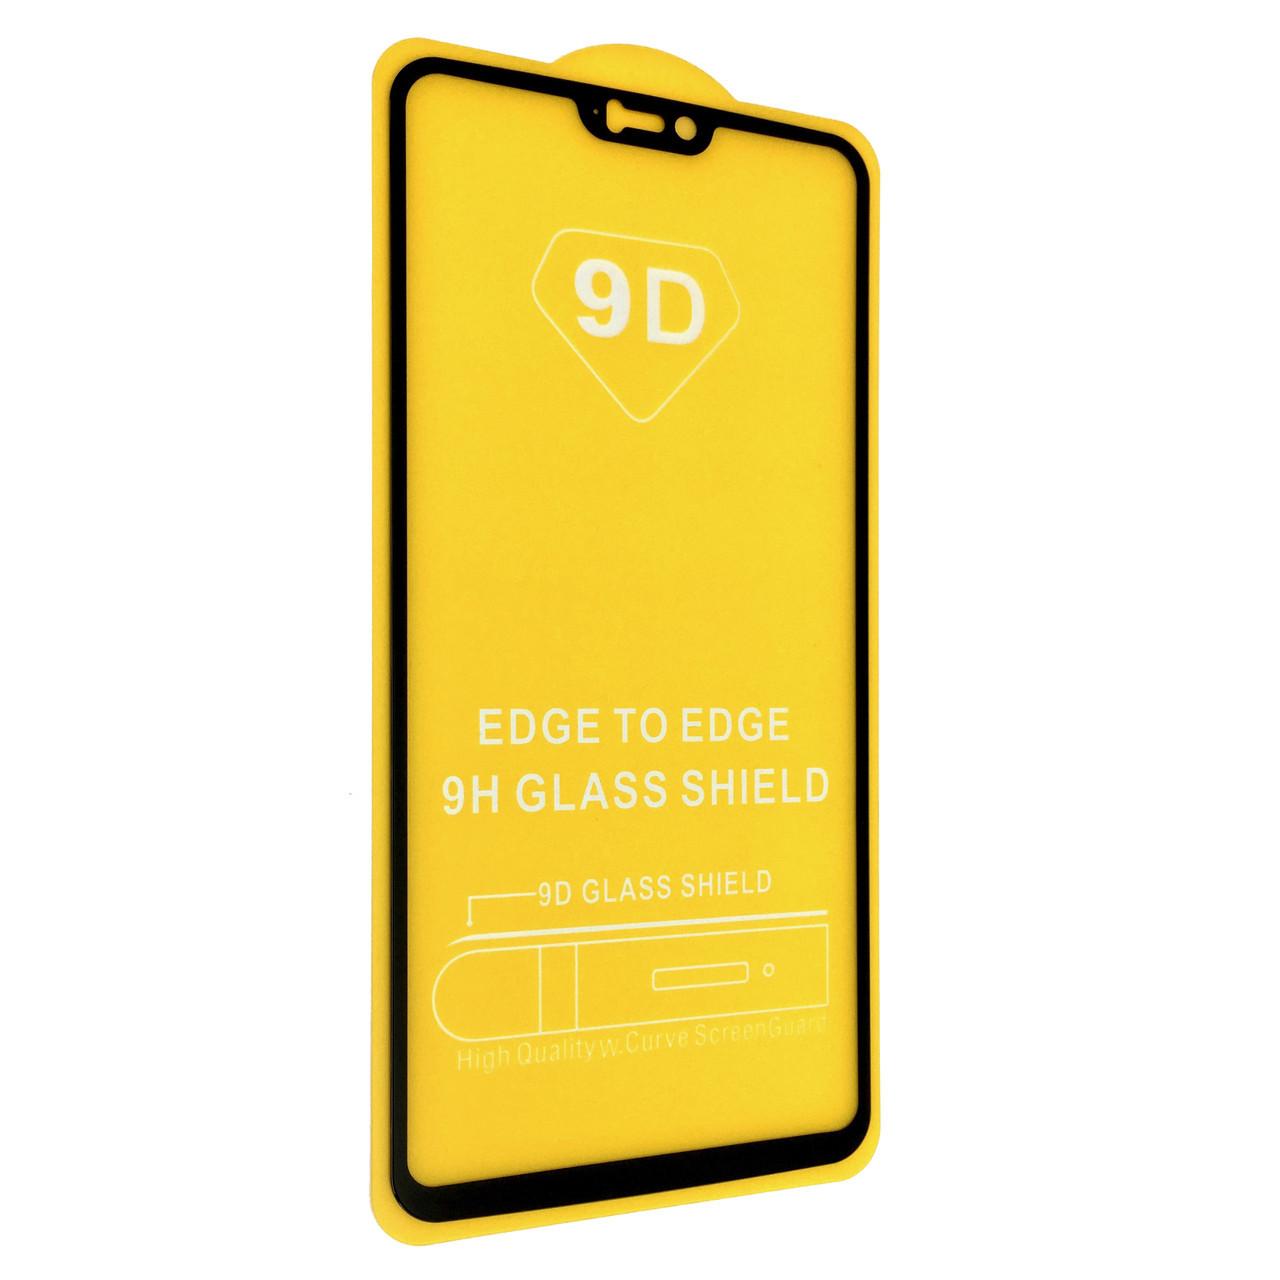 Защитное стекло DK Full Glue 9D OnePlus 6 (black)